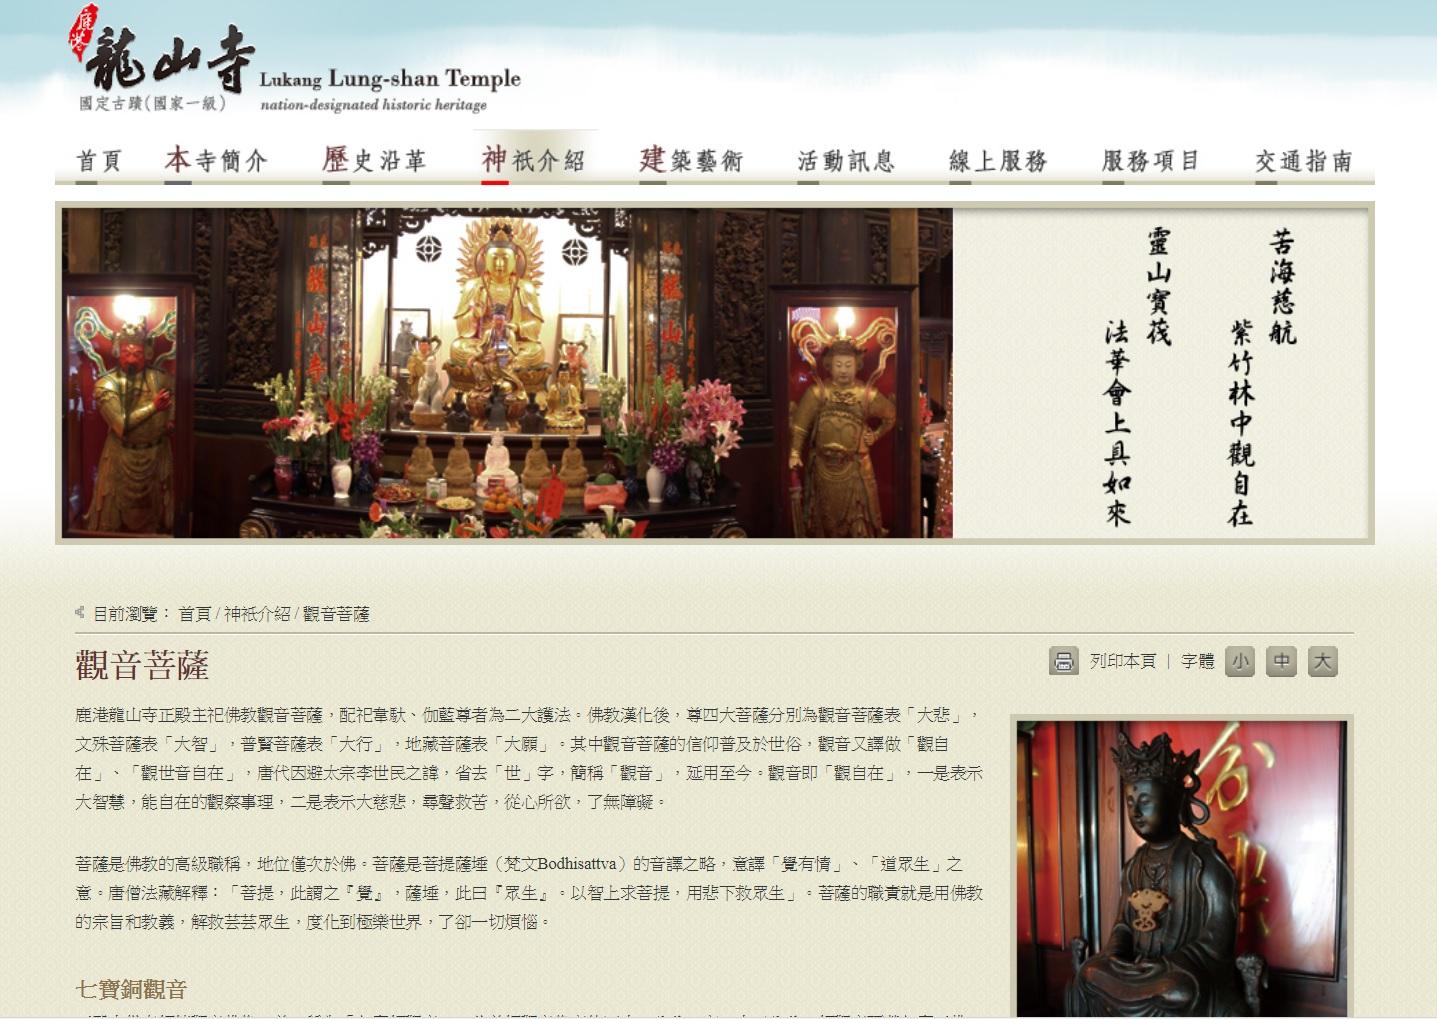 Site officiel du temple Lung-shan de Lukang